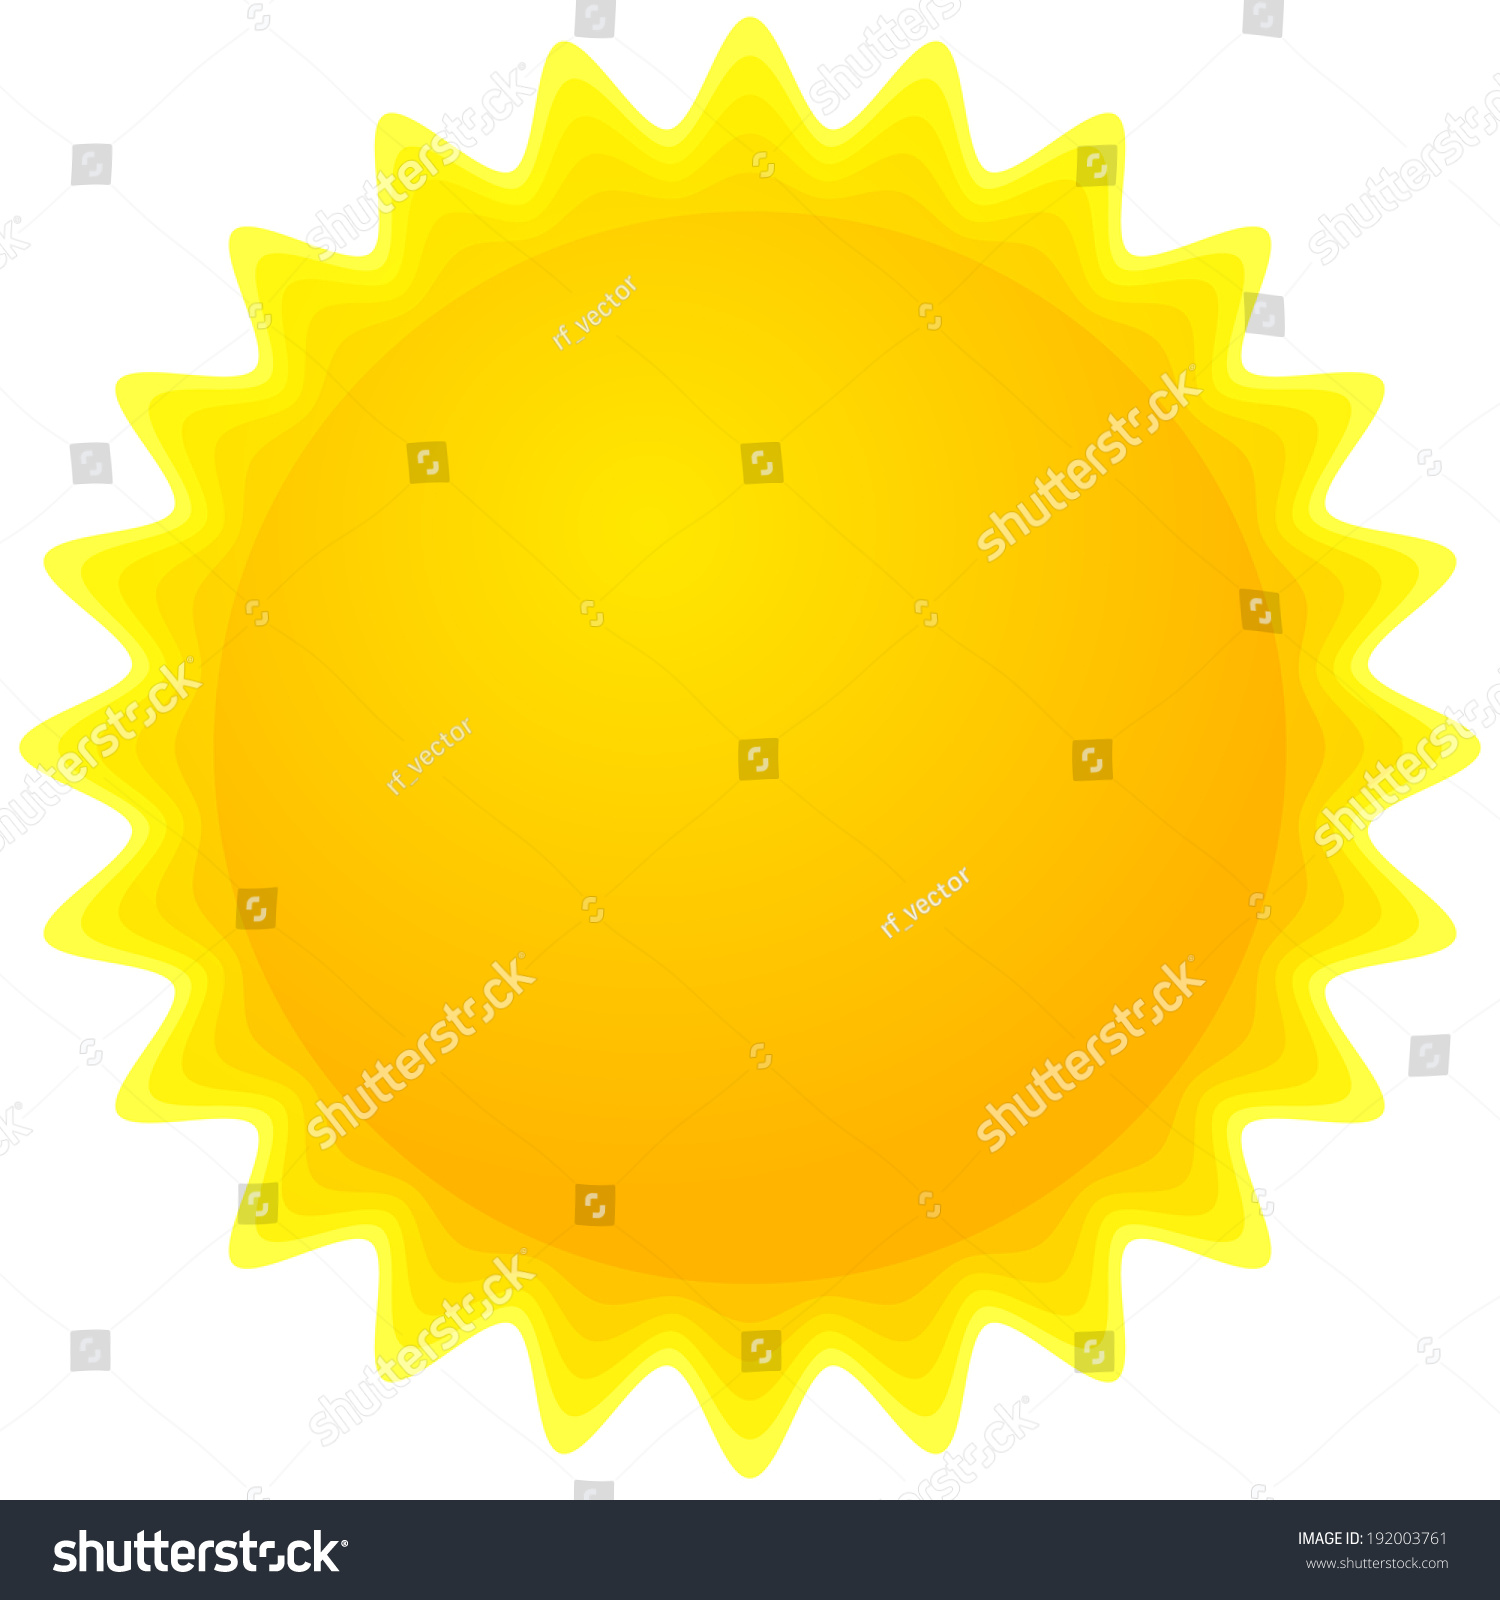 hight resolution of sun clipart sun icon